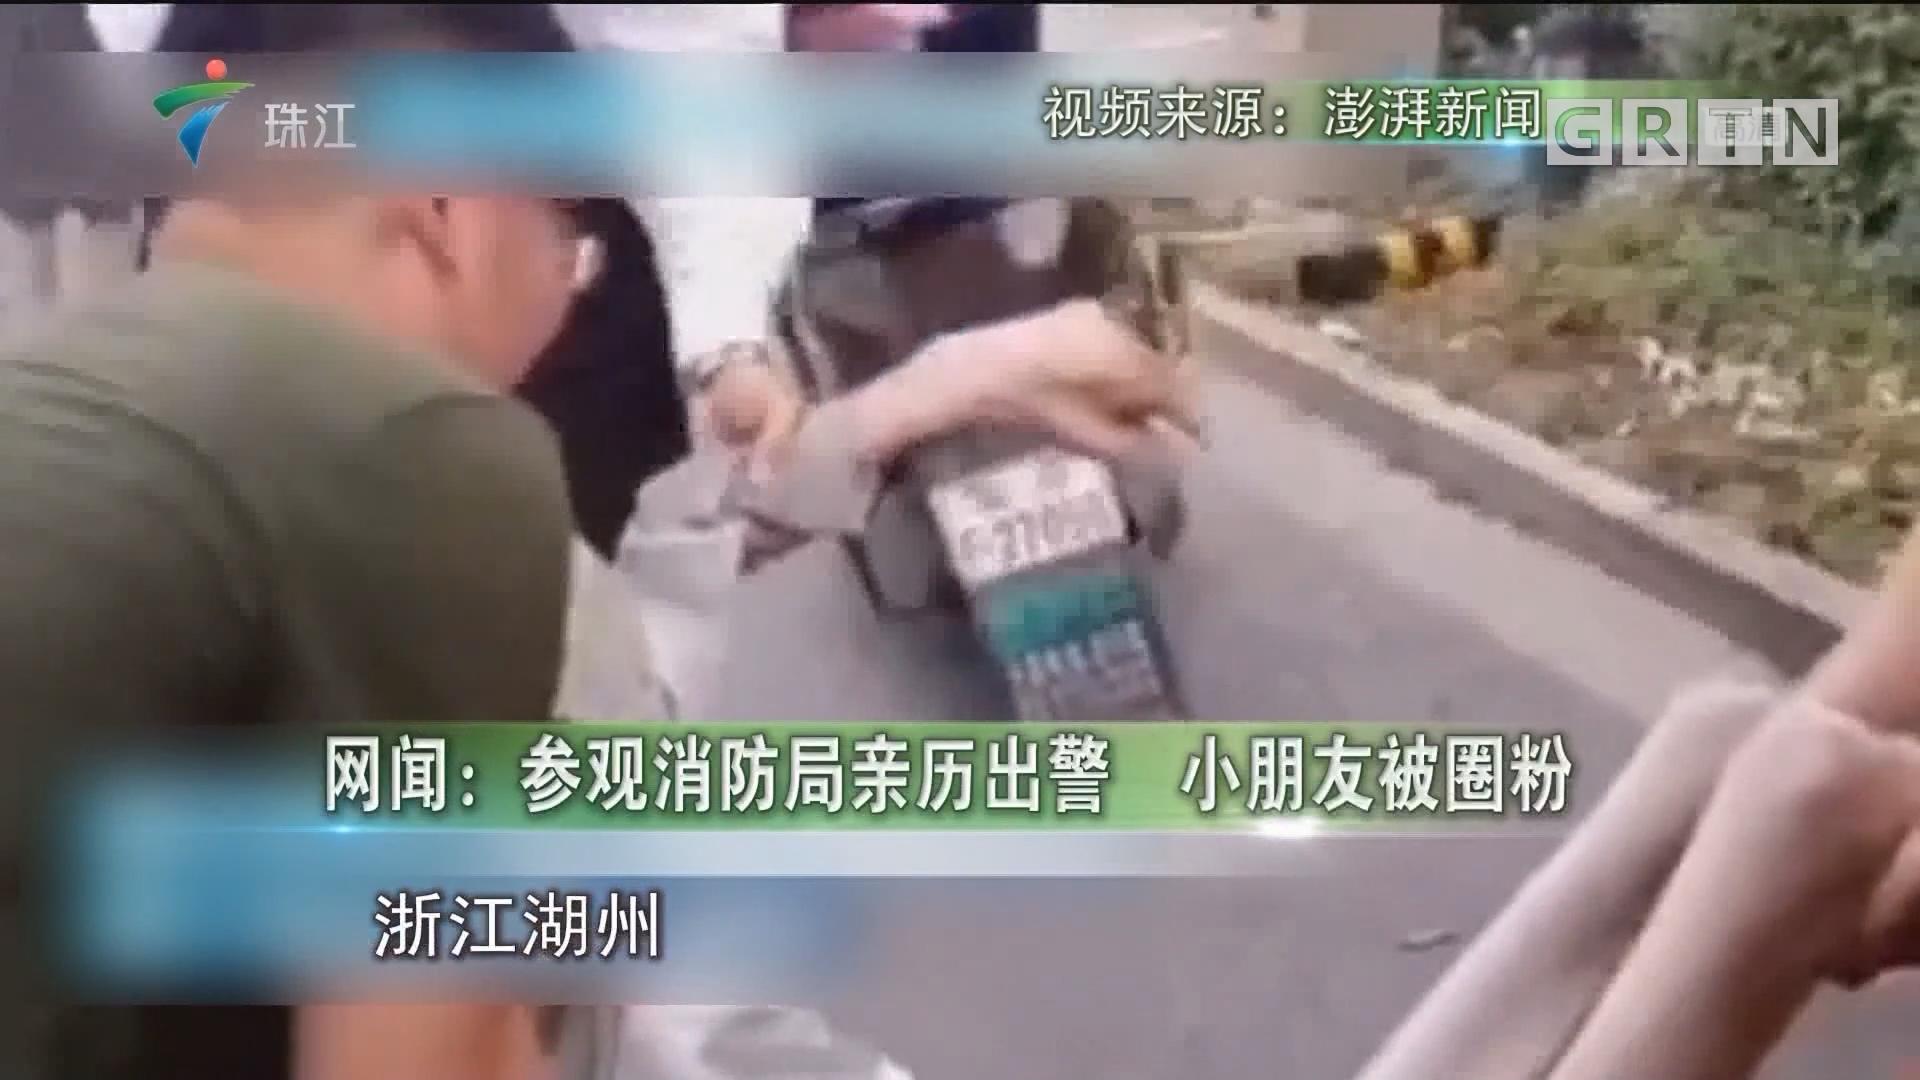 网闻:参观消防局亲历出警 小朋友被圈粉